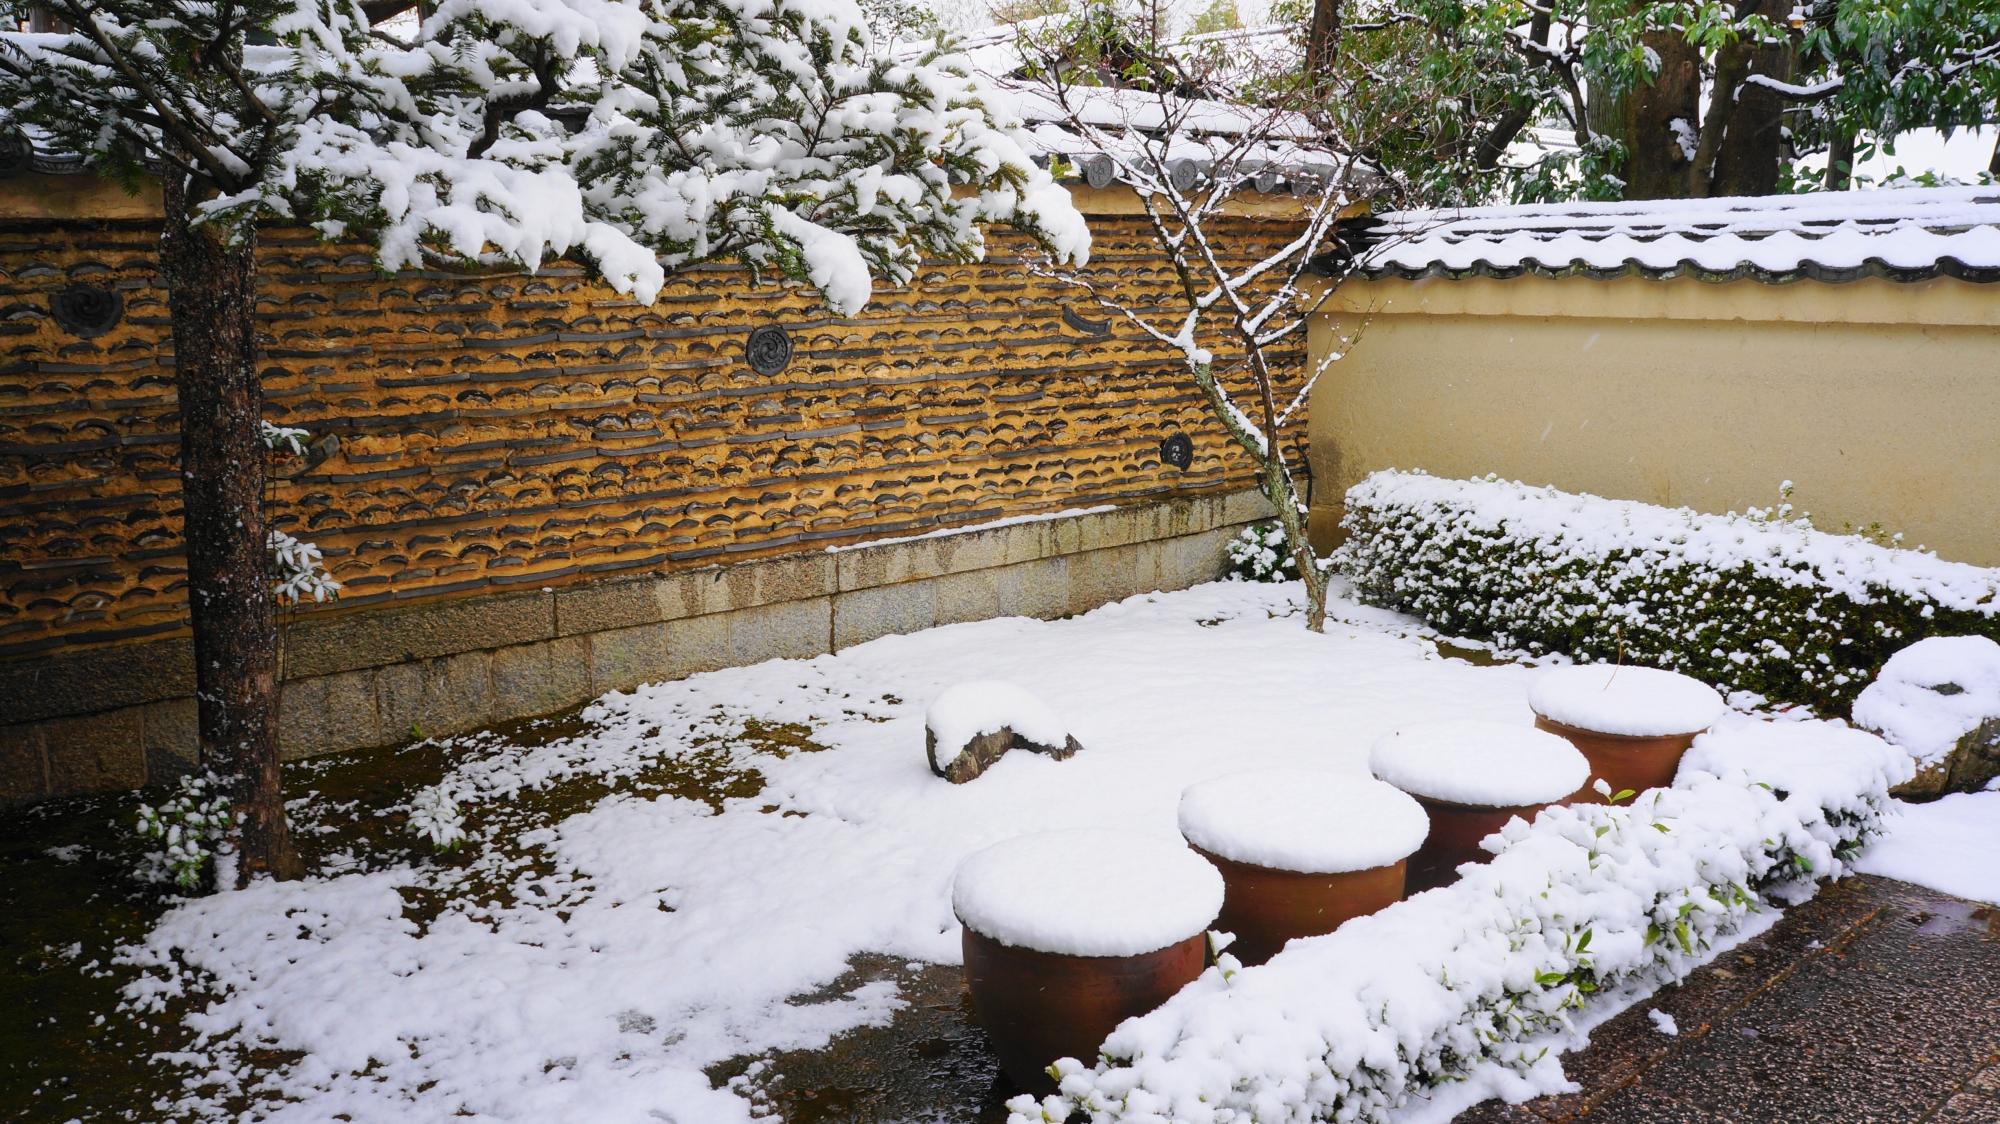 雪がてんこ盛りで真っ白になった蓮の鉢